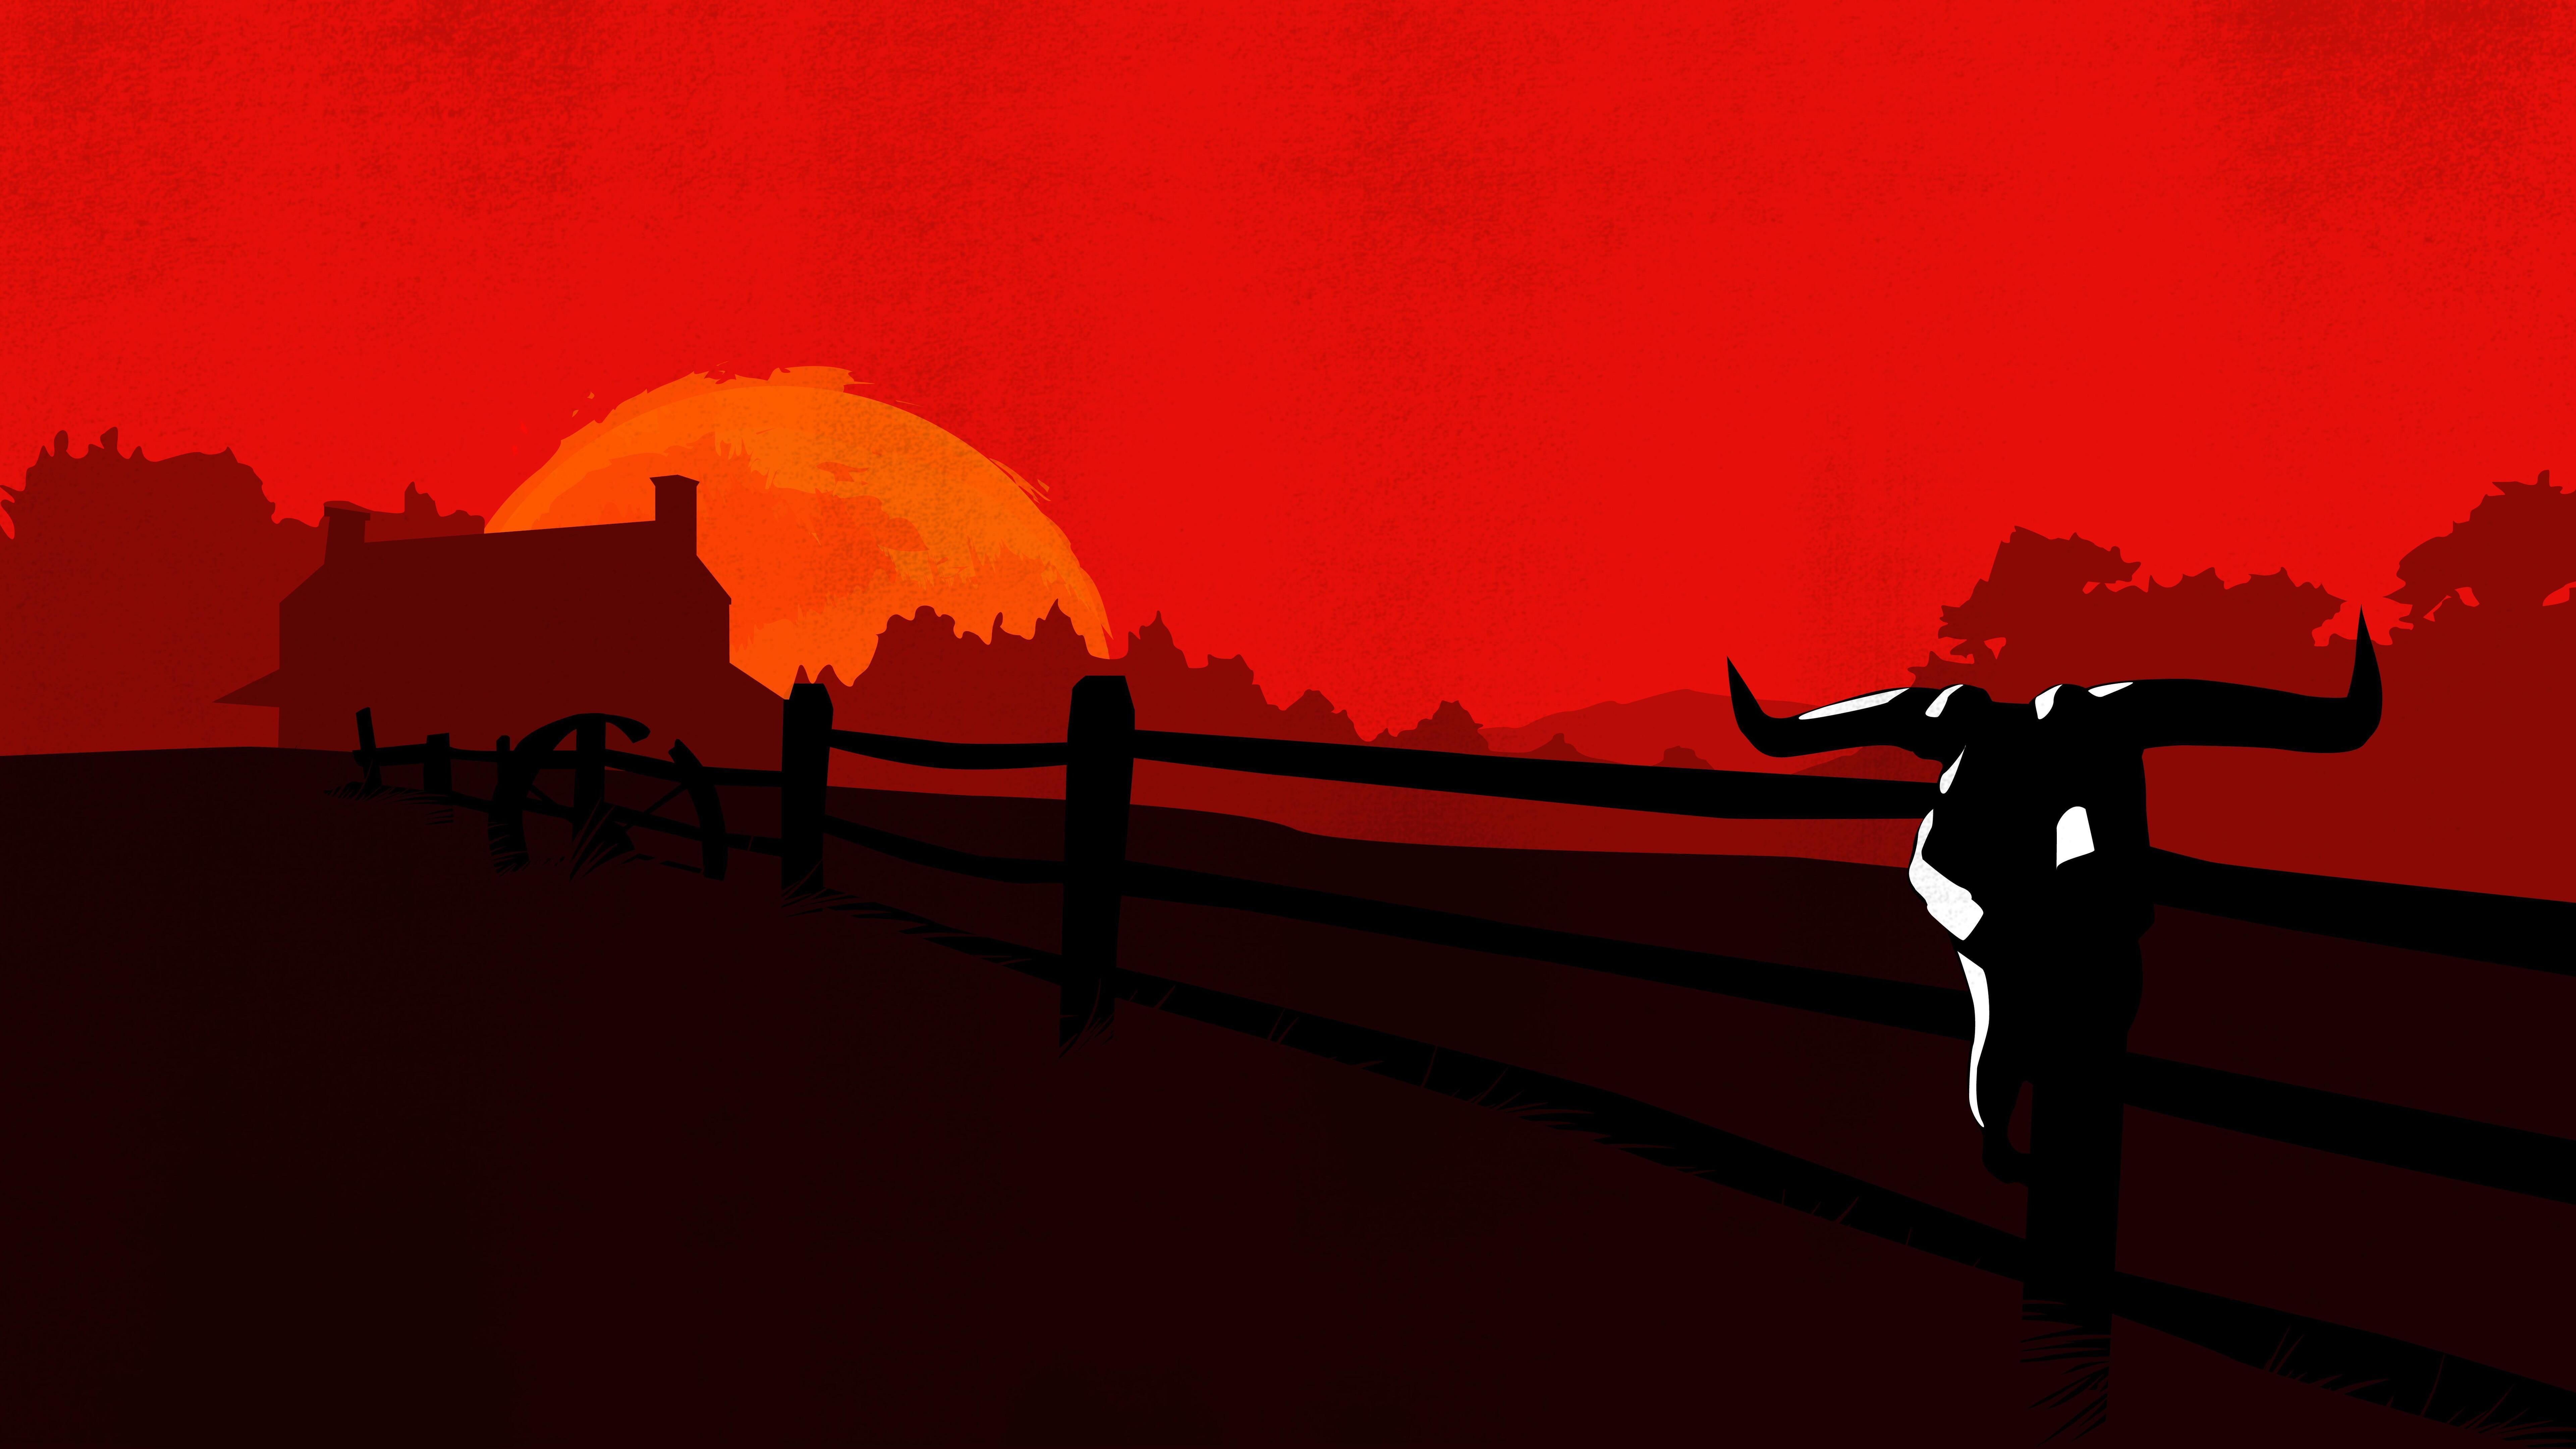 7680x4320 Red Dead Redemption 2 Minimalist 8k 8k Hd 4k Wallpapers